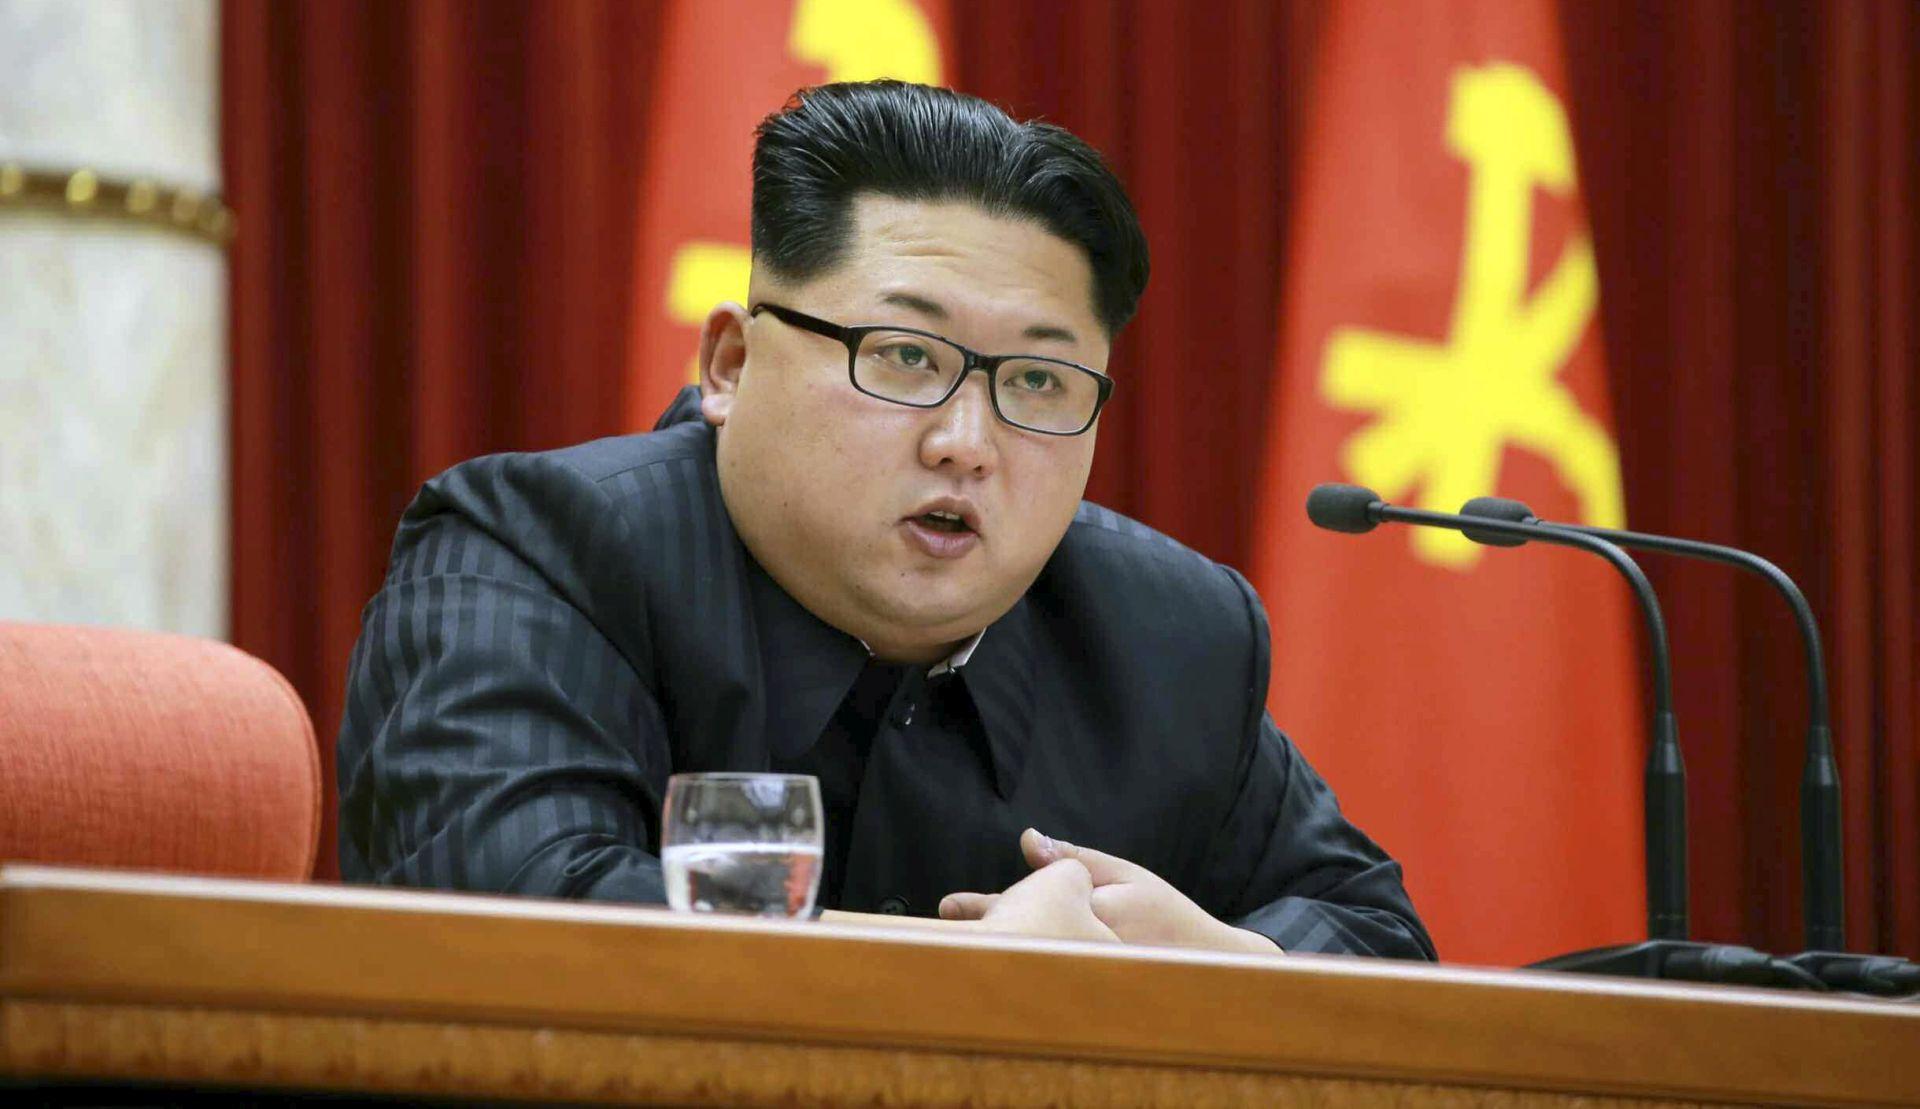 SJEVERNA KOREJA Obustava nuklearnih pokusa u zamjenu za mirovni sporazum i obustavu vojnih vježbi